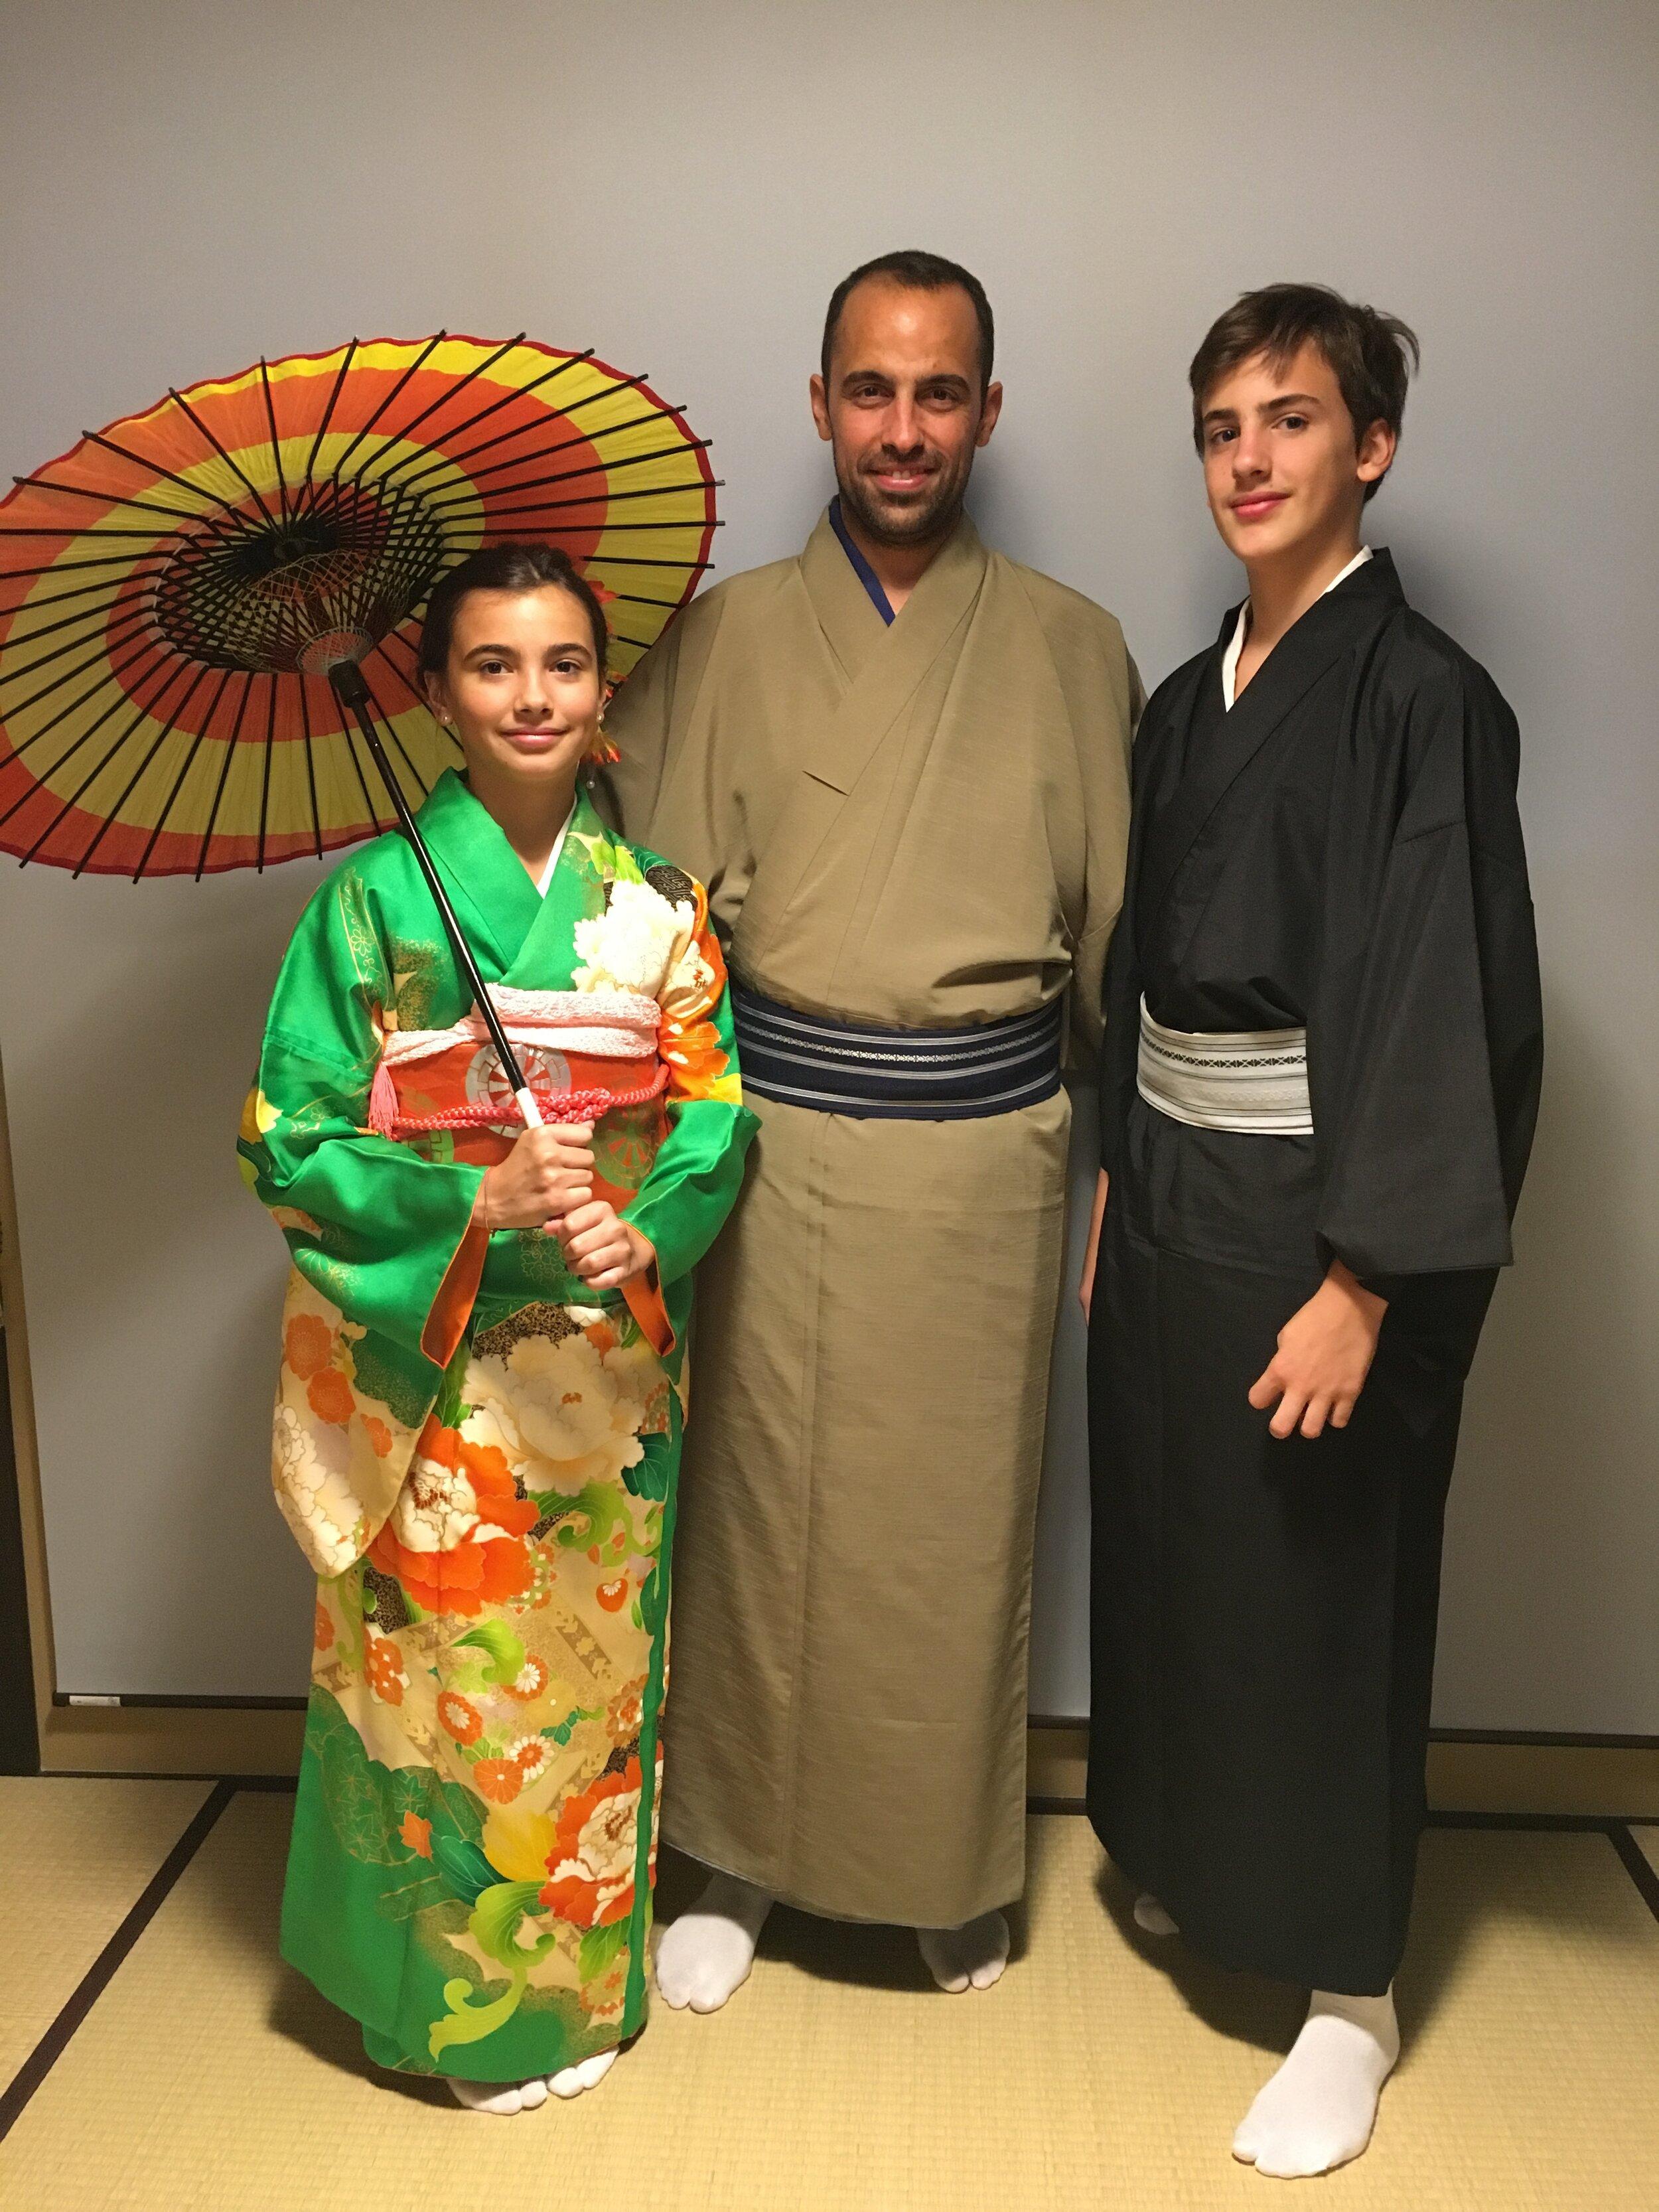 Ceremonia del te en Kyoto